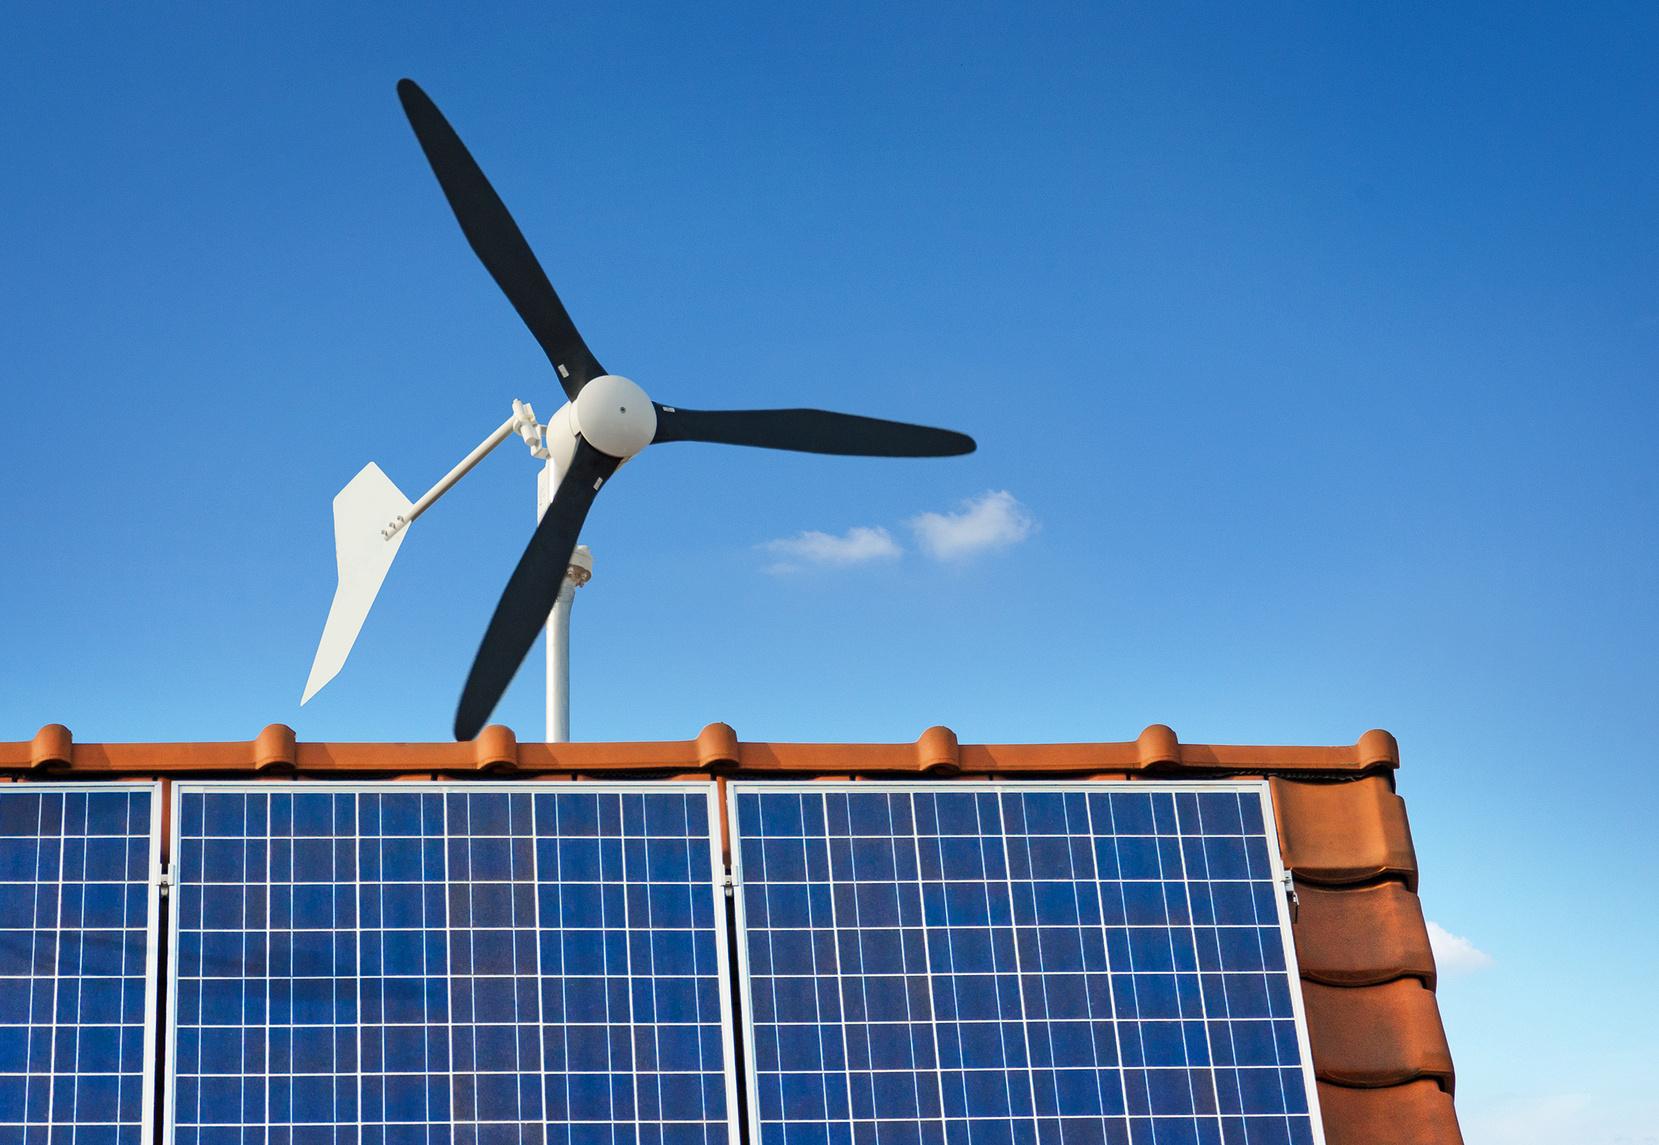 Éoliennes : les primes, subventions et aides financières